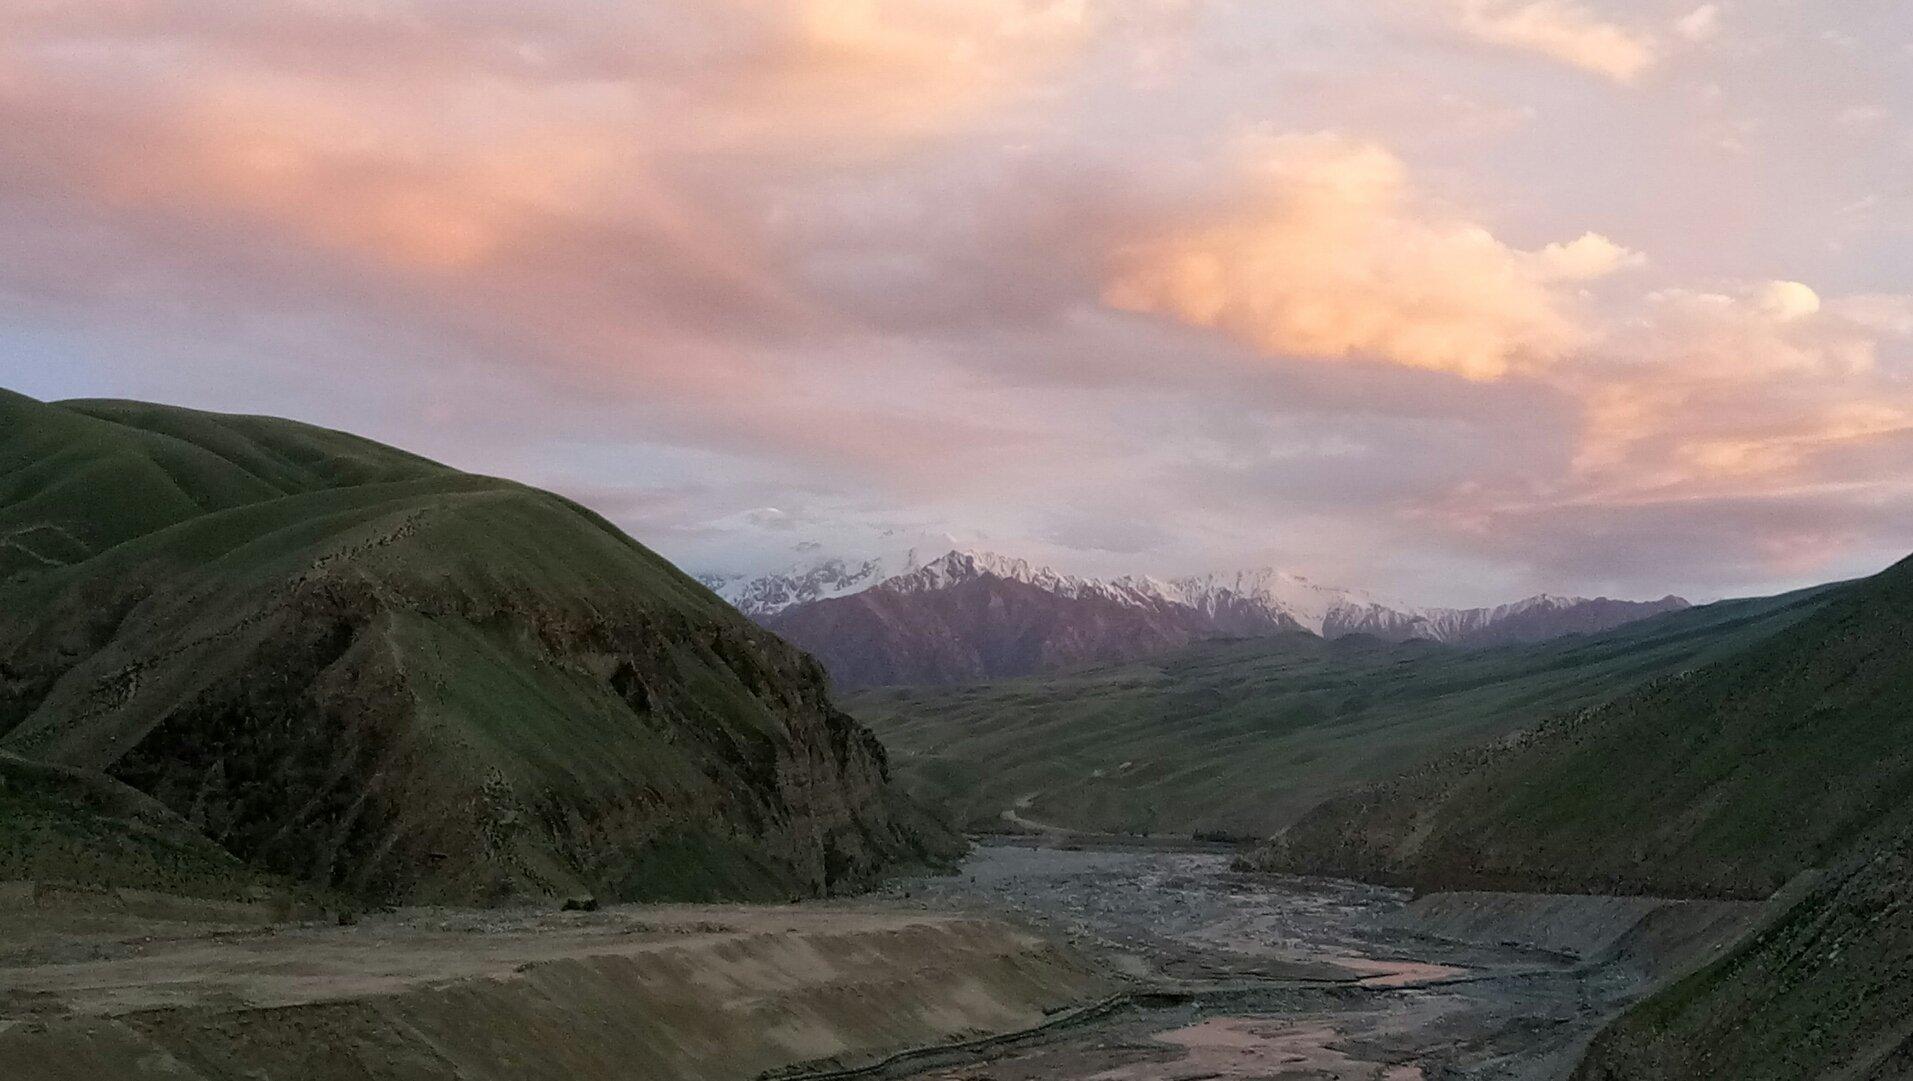 新疆维吾尔自治区和田地区策勒县奴尔乡天气预报